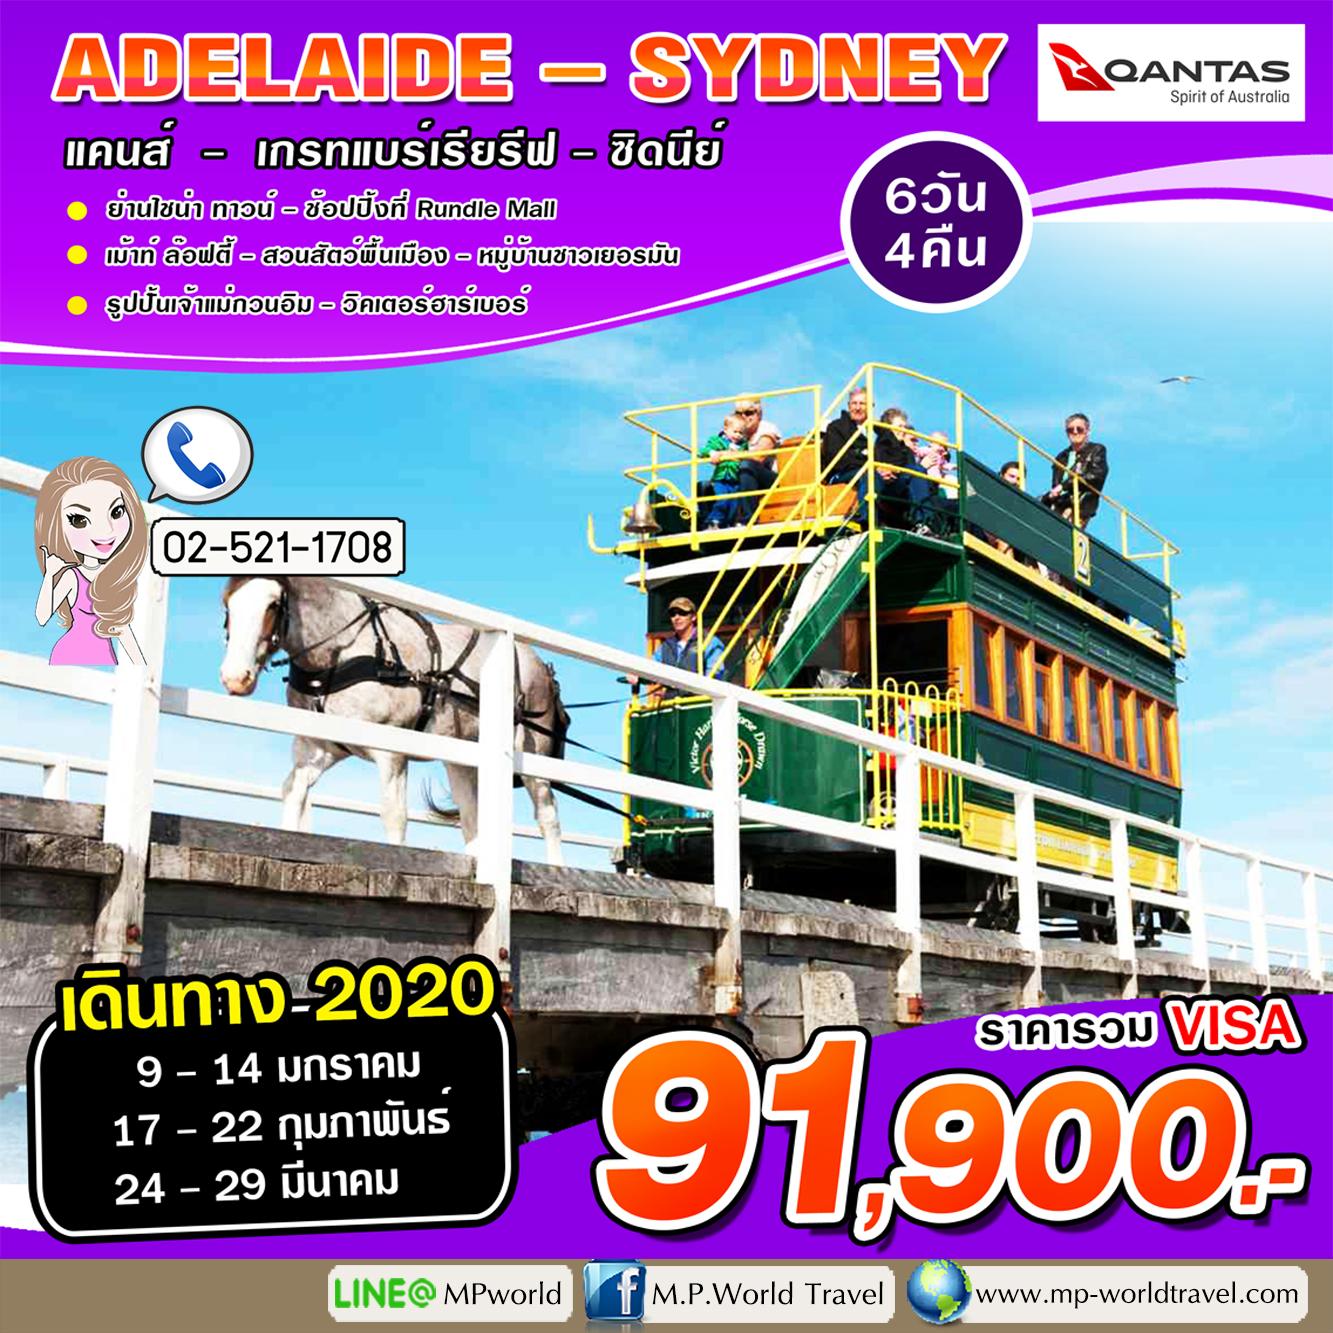 ทัวร์ออสเตรเลีย ADELAIDE-SYDNEY 6D 4N QF